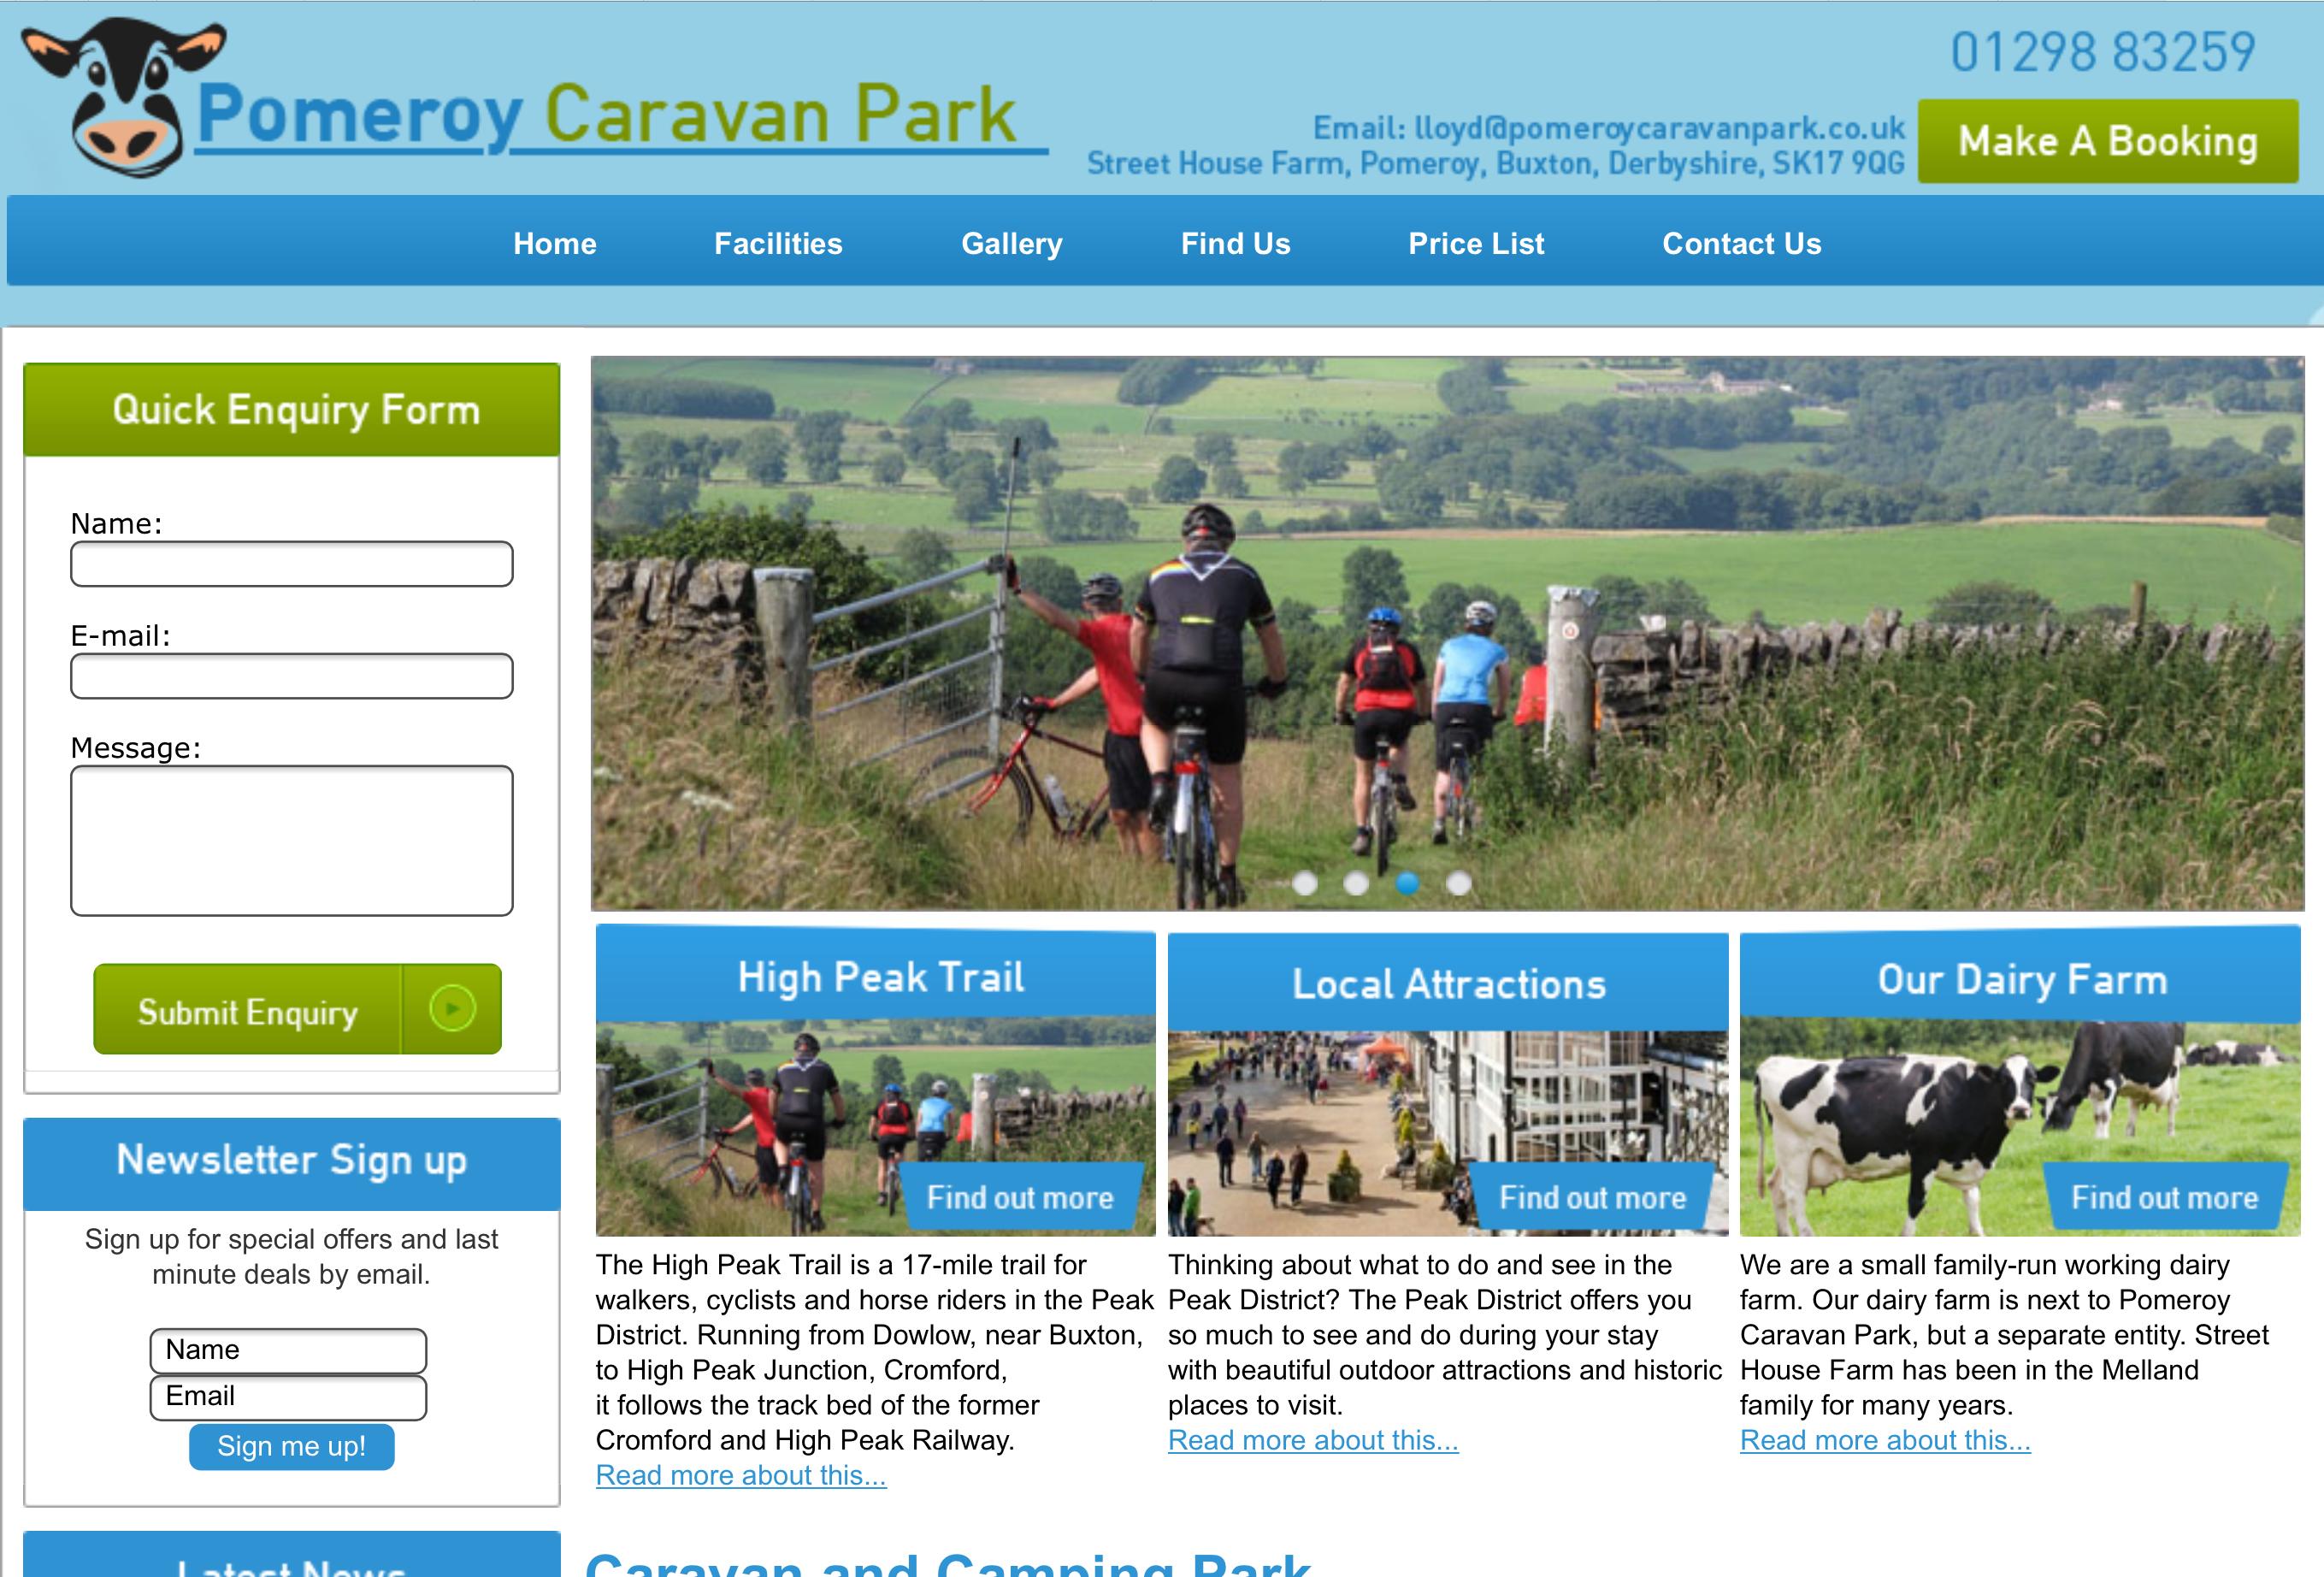 Pomeroy caravan park